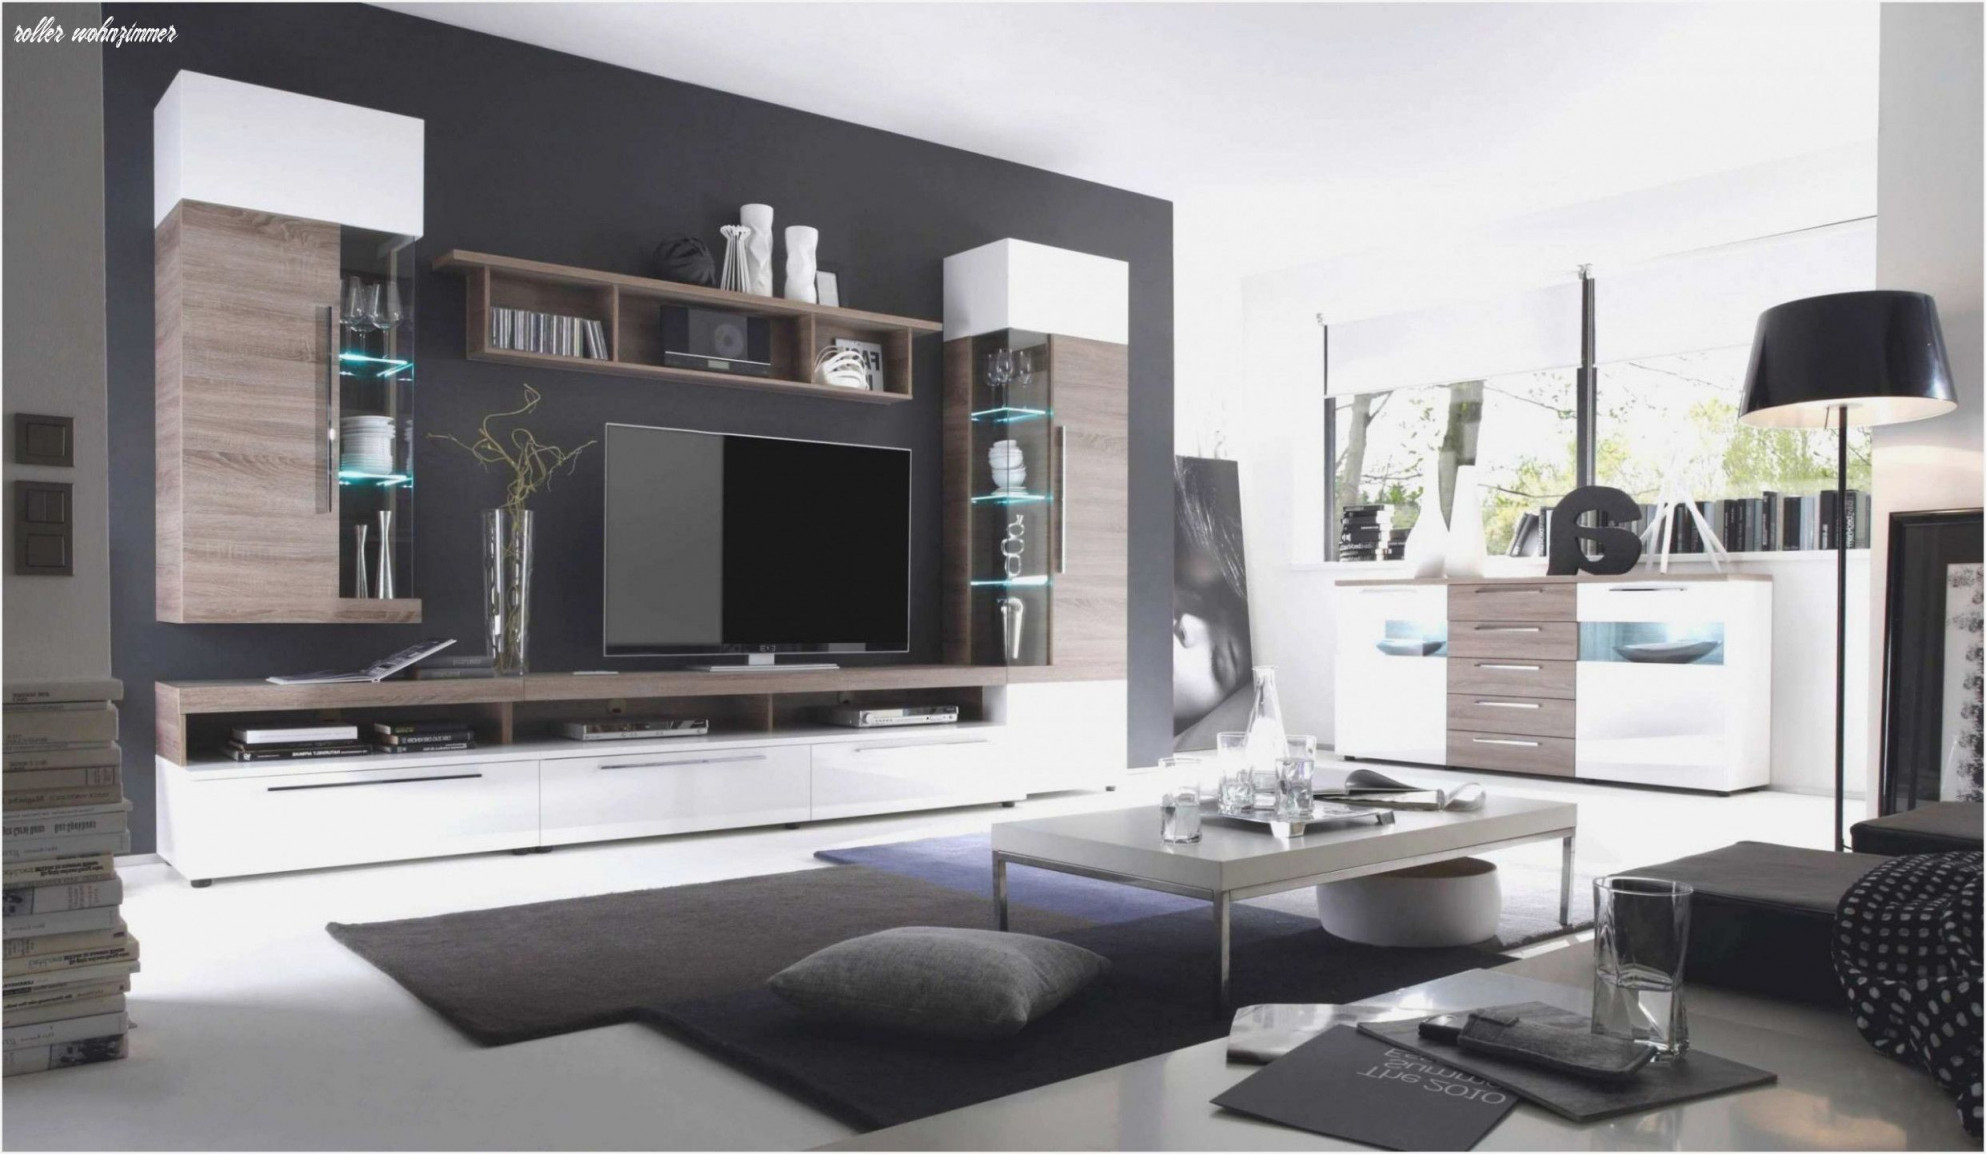 Zehn Großartige Roller Wohnzimmerideen Die Sie Mit Ihren von Moderne Wohnzimmer Ideen Bild